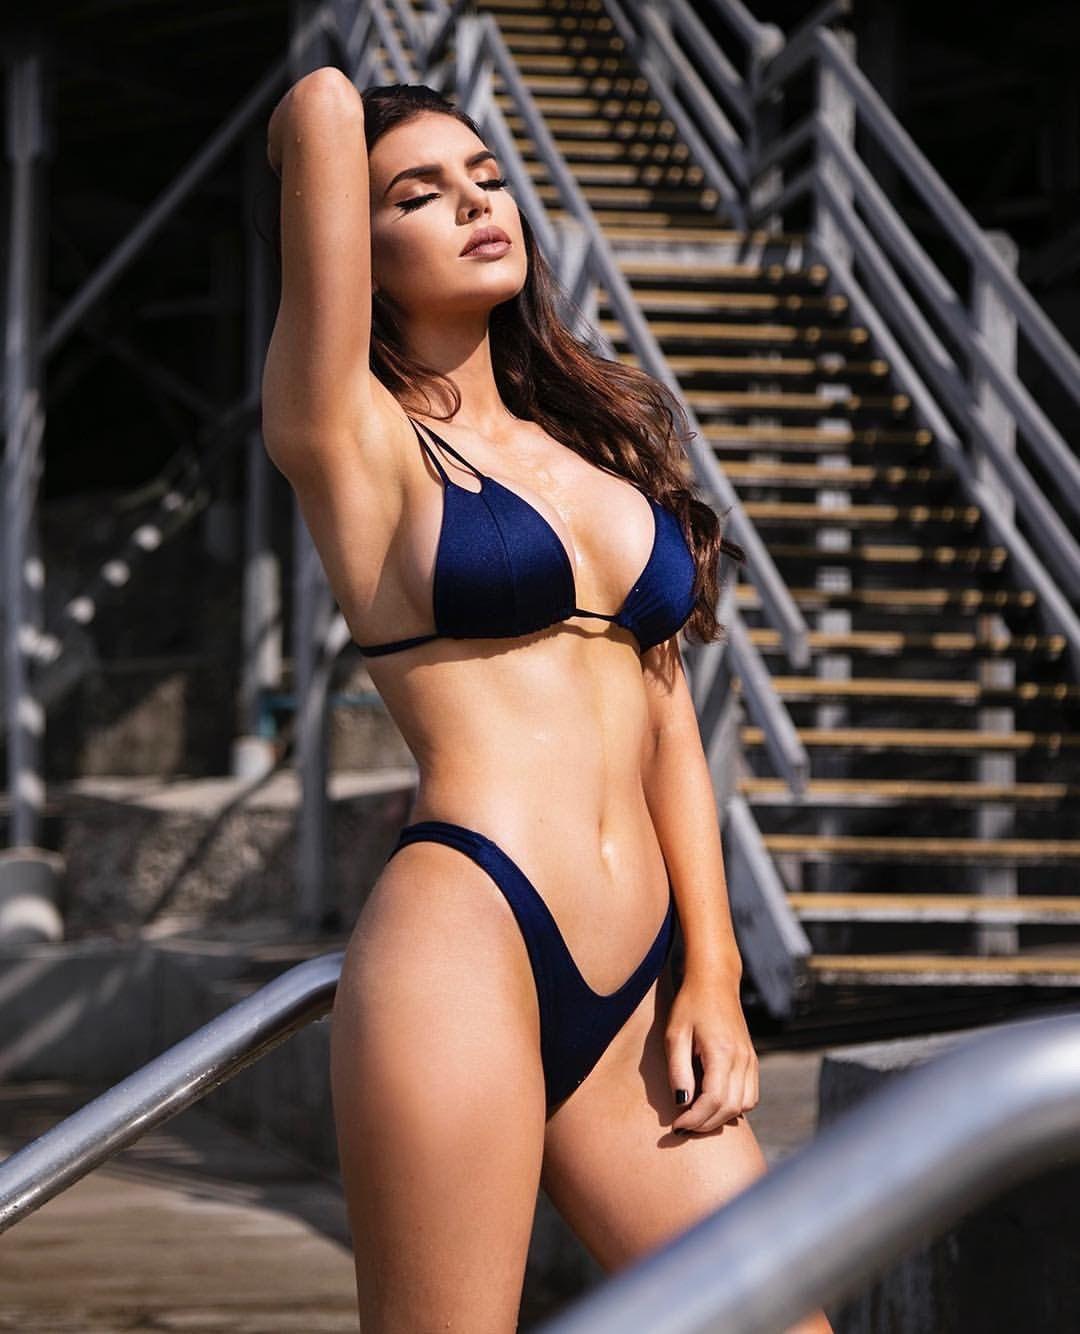 Bikini Nicole Thorne nudes (26 photos), Topless, Leaked, Instagram, legs 2018